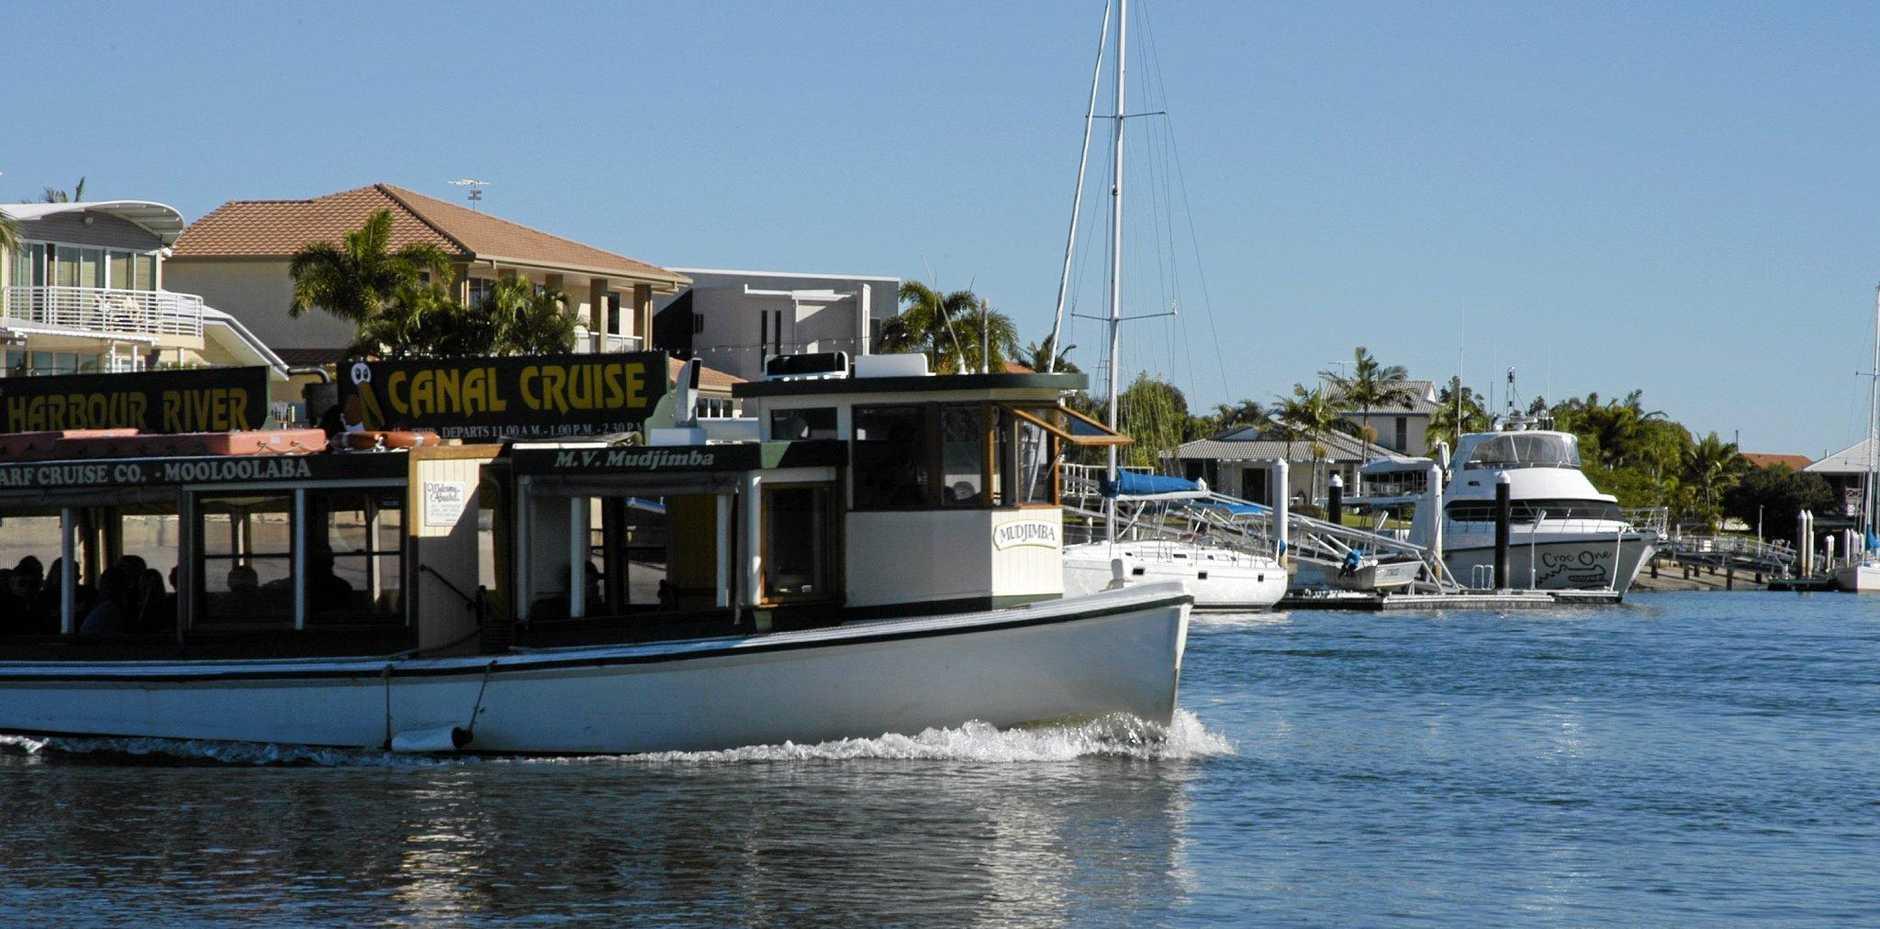 KICK BACK: And enjoy a canal cruise on the MV Mudjimba.